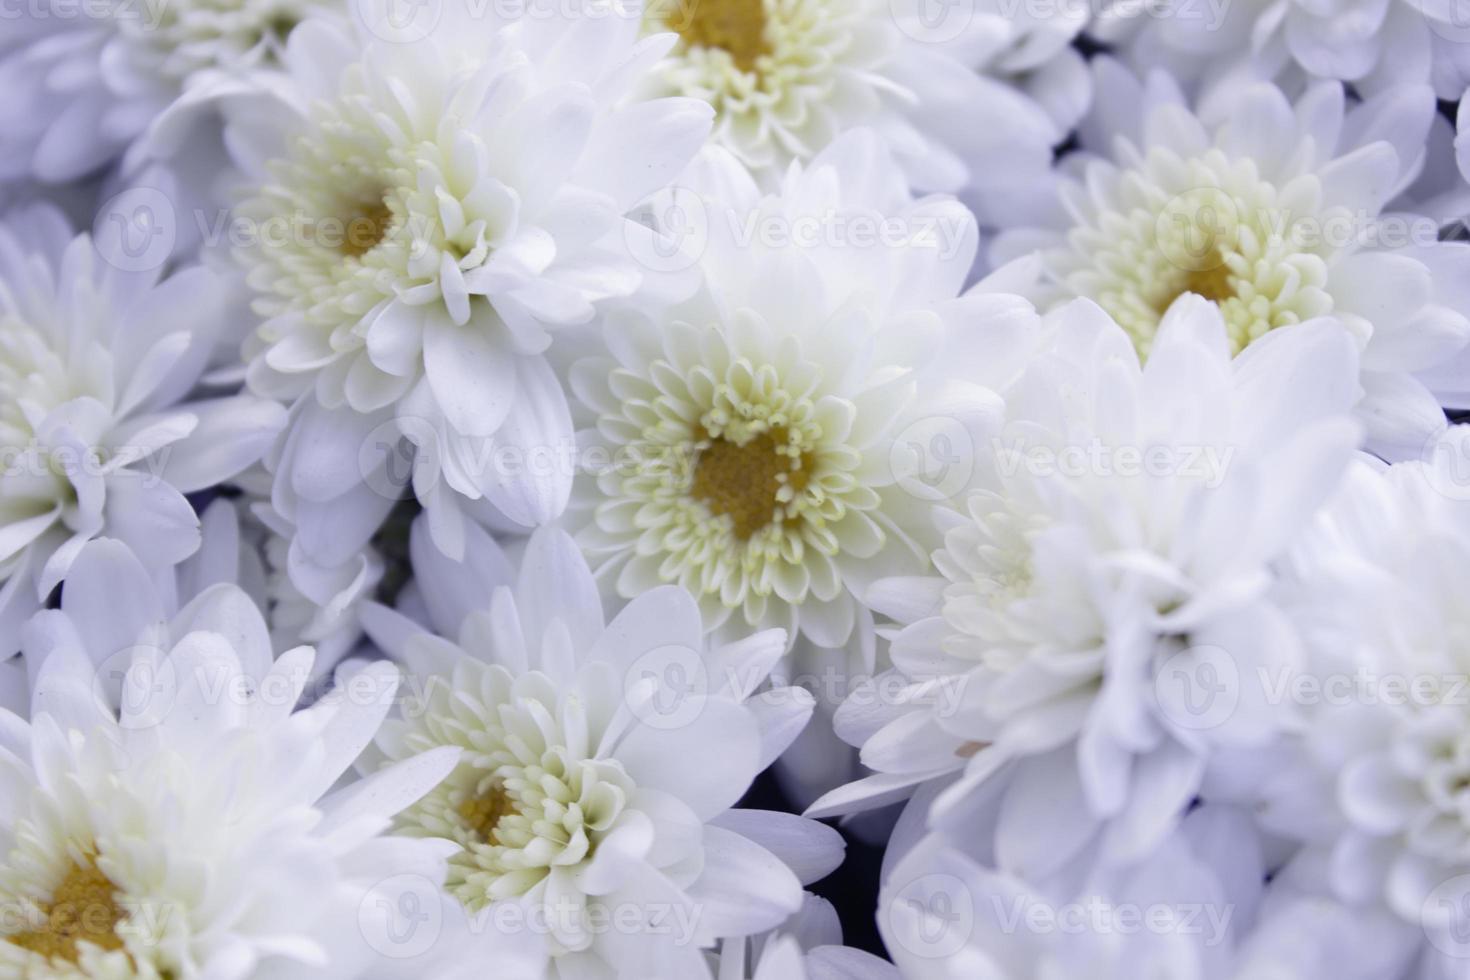 White Chrysanthemum photo